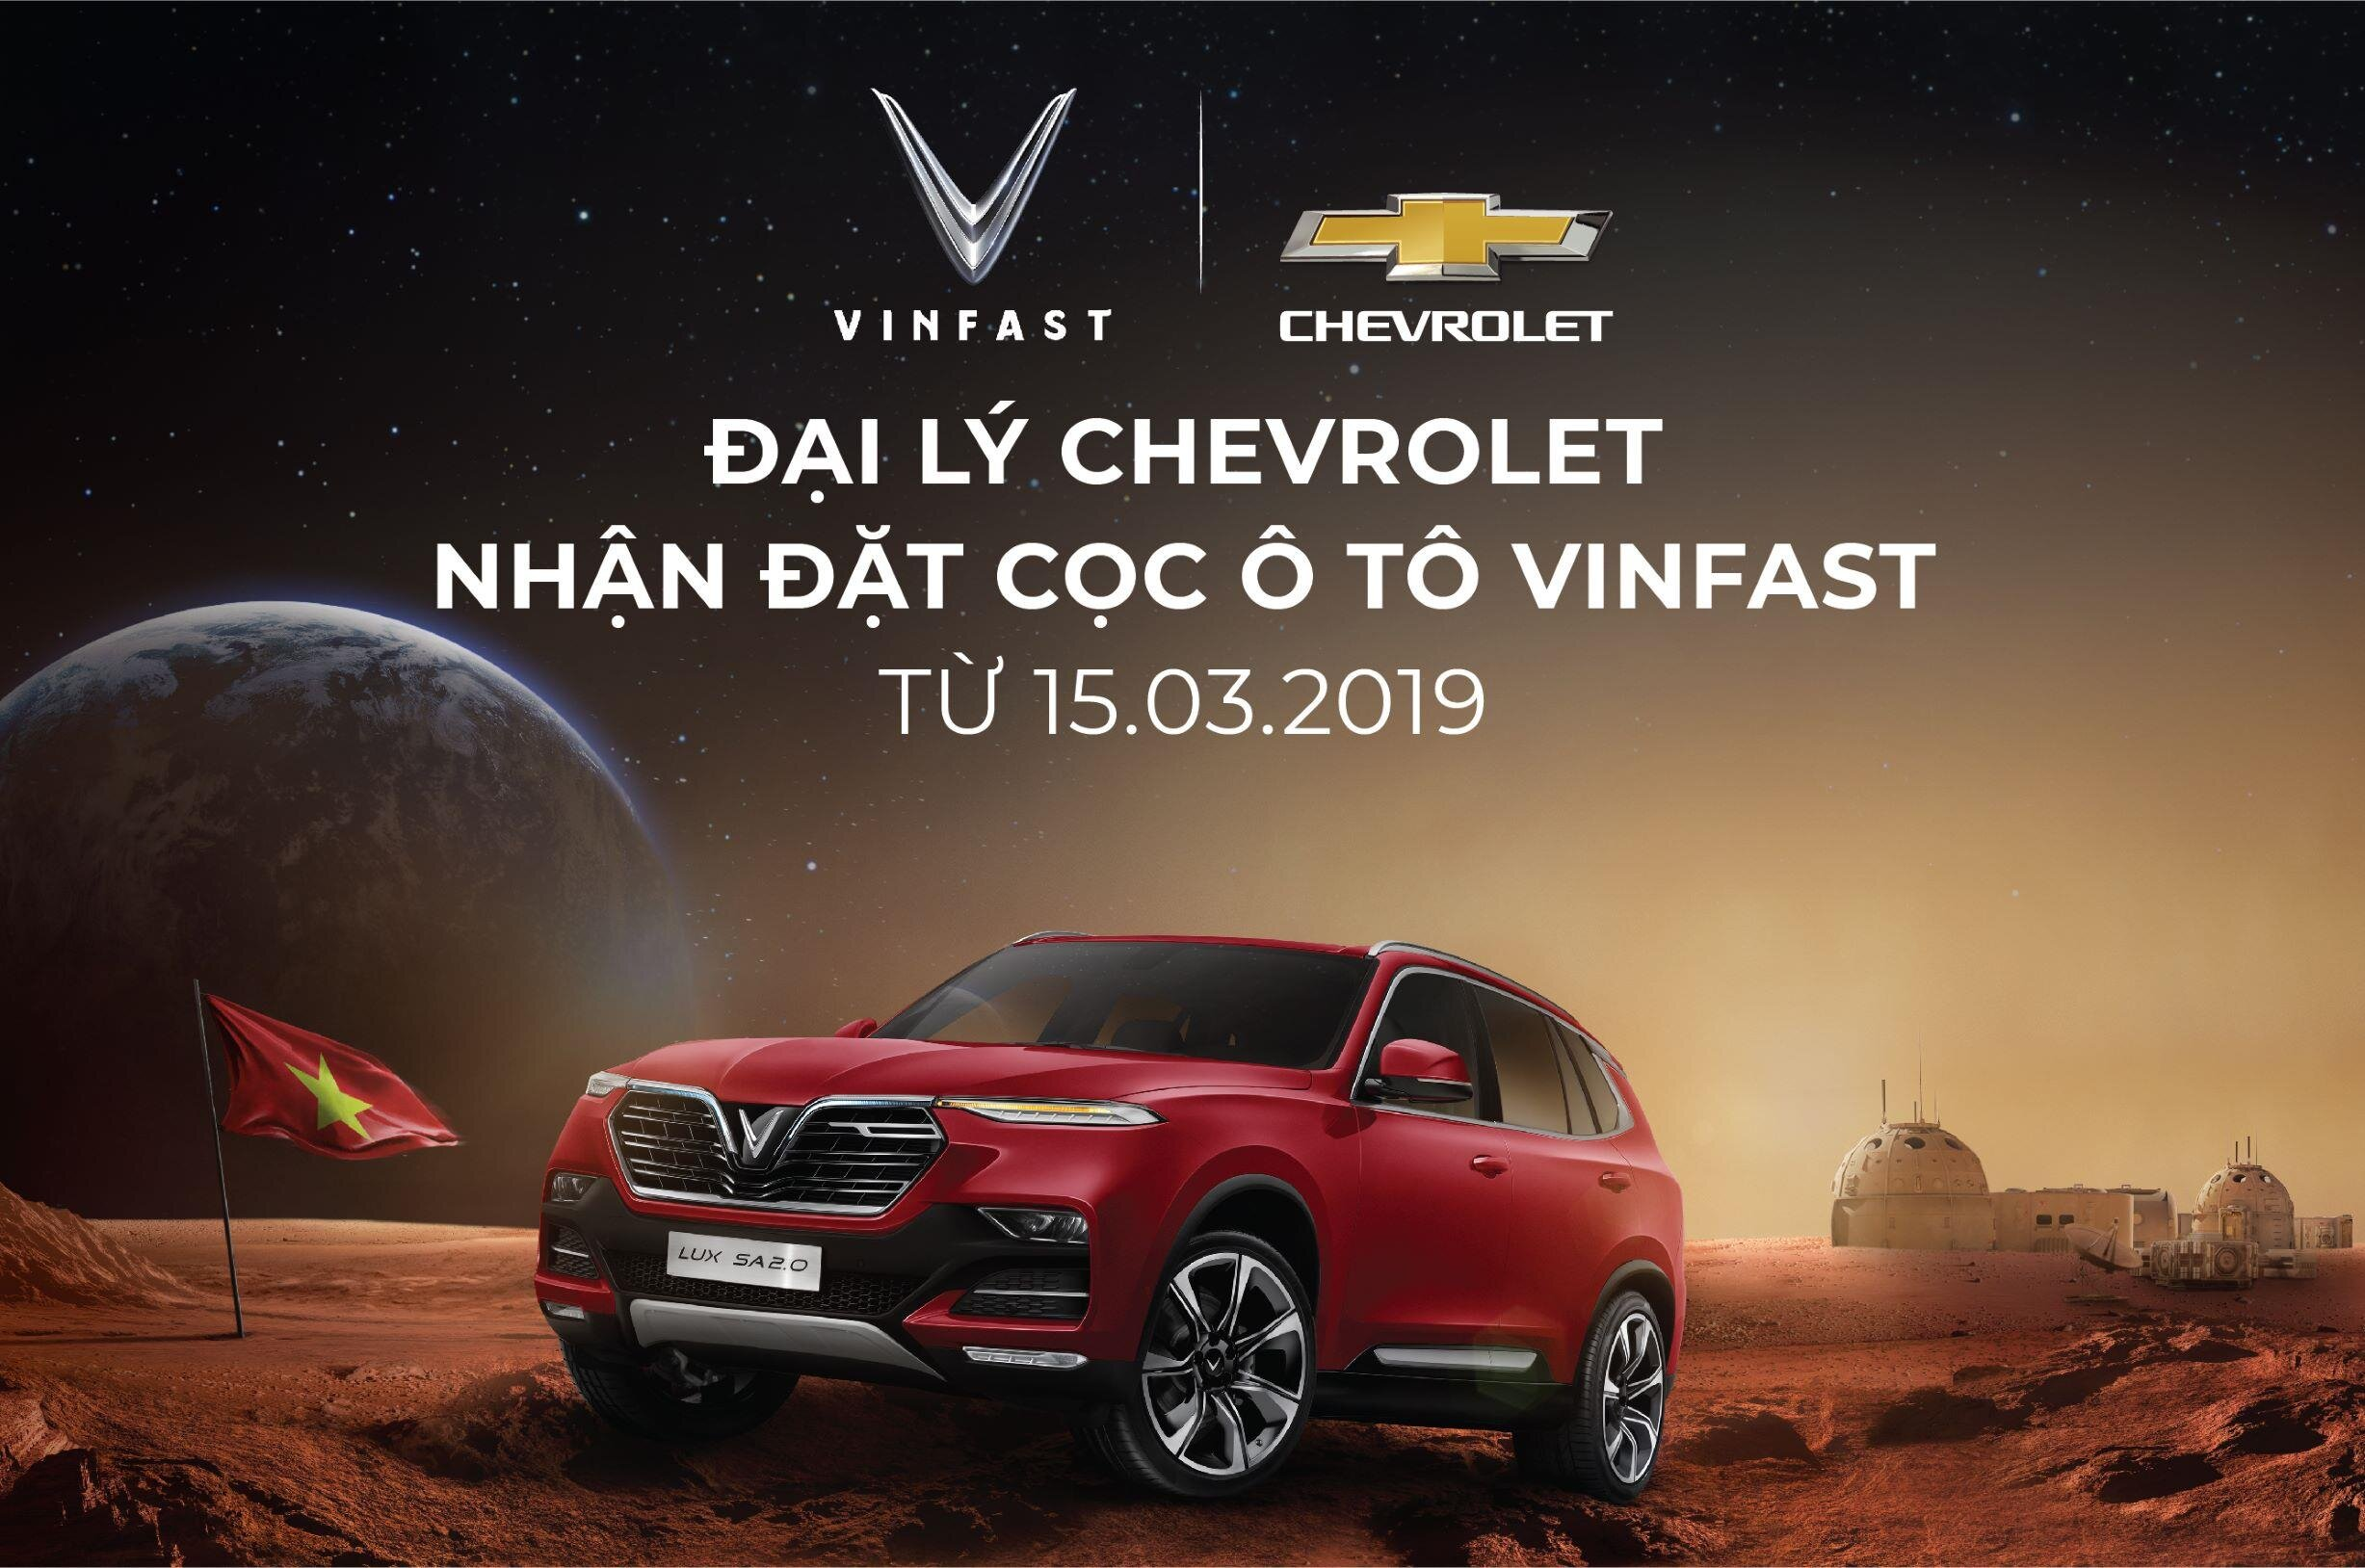 Khách hàng có thể đặt xe ô tô VinFast tại đại lý Chevrolet